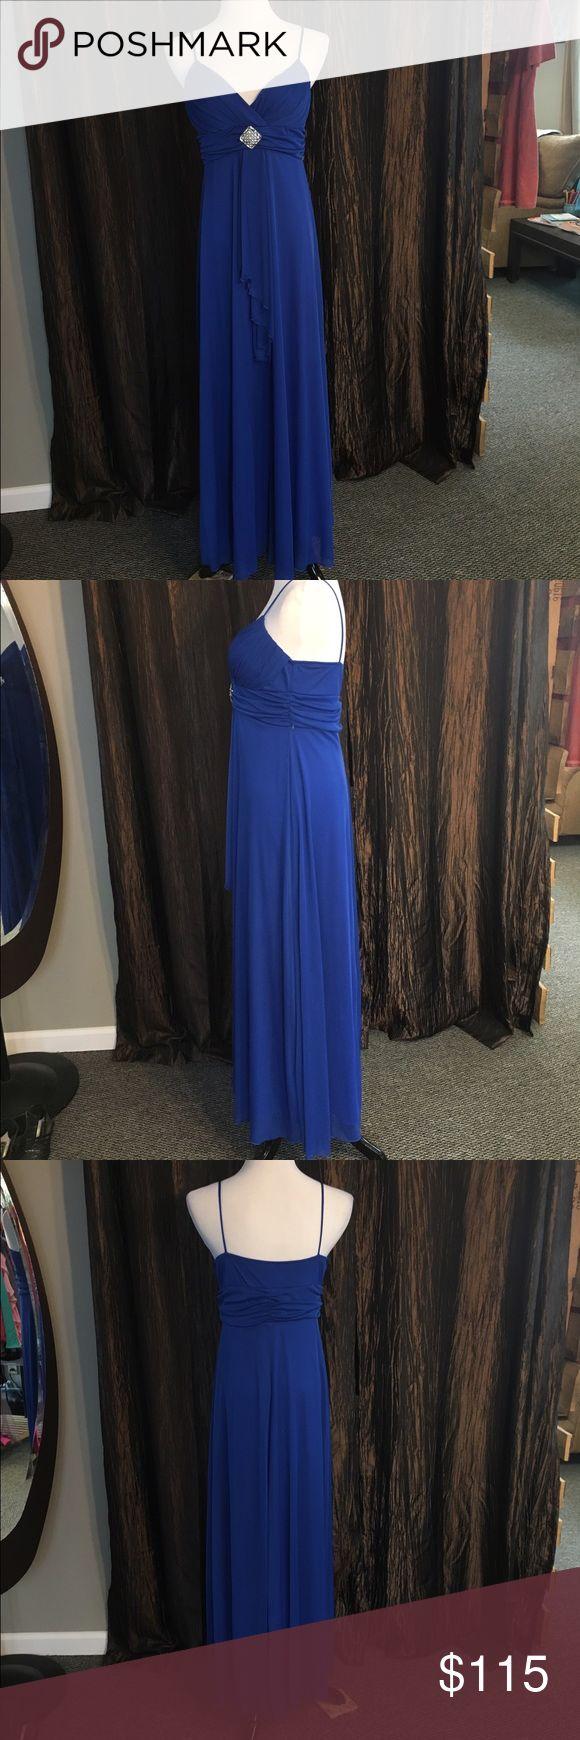 B smart long dresses 40s